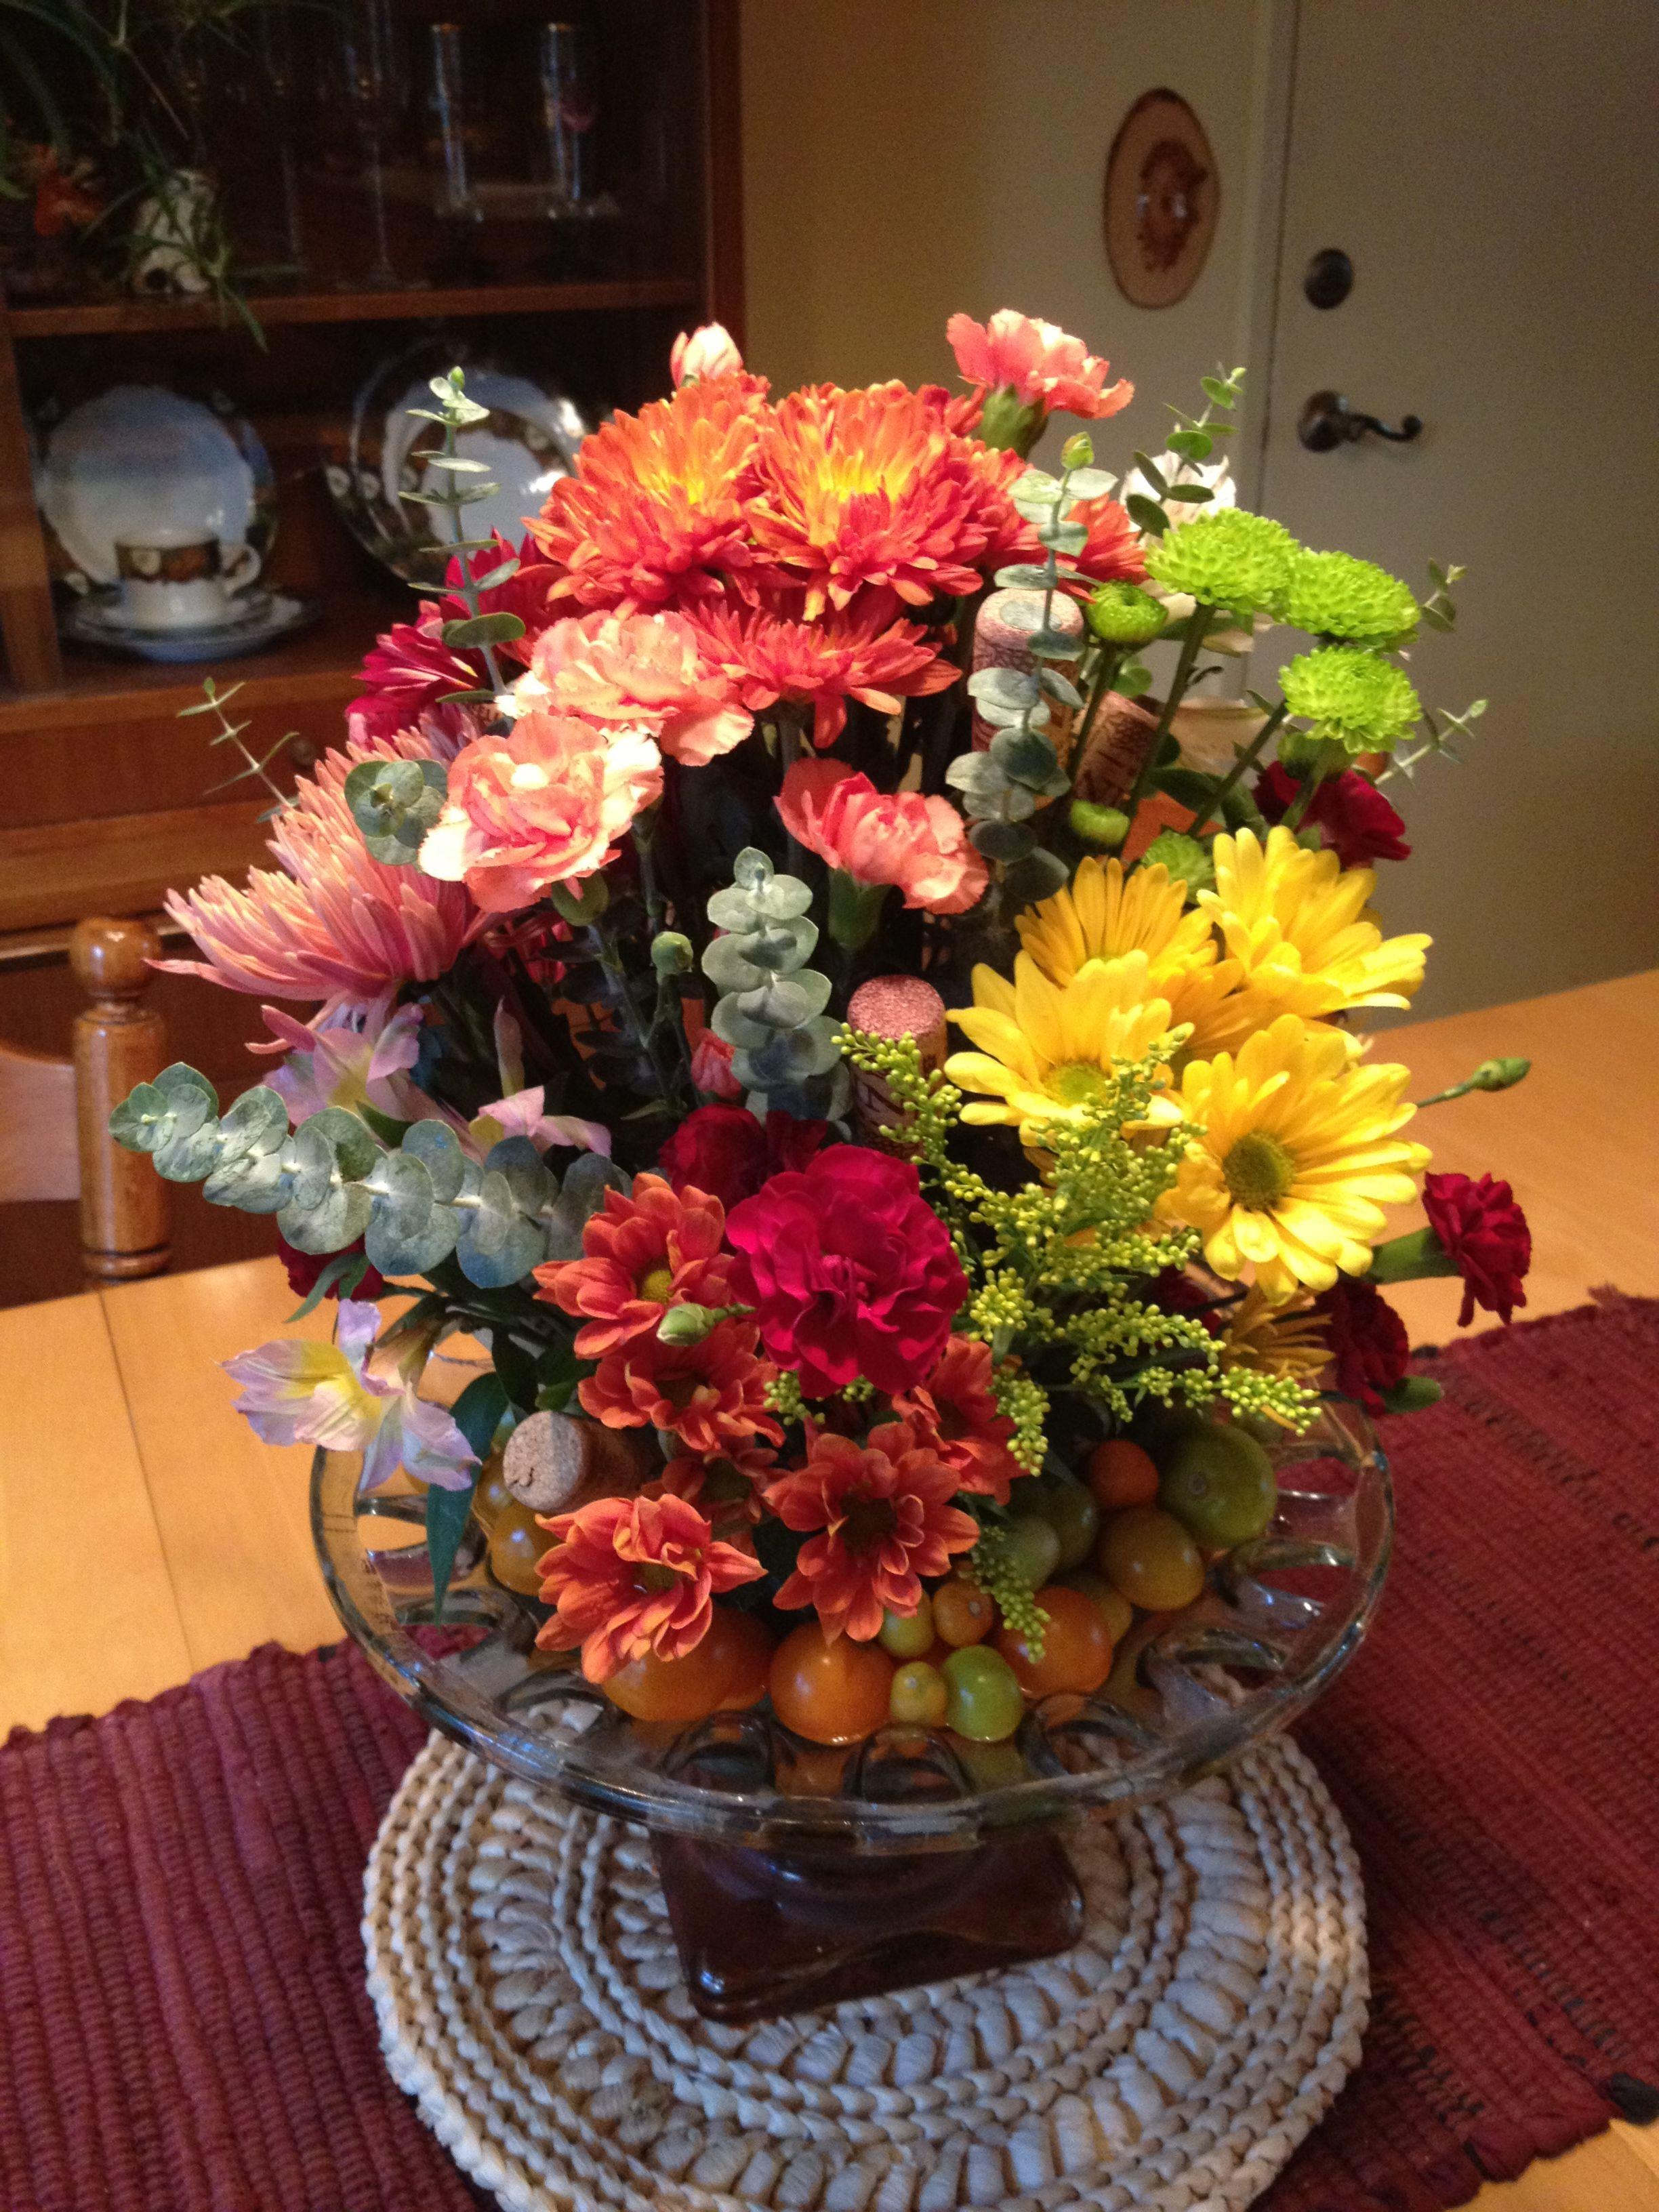 Fall flower arrangement church alter arrangement ideas Fall floral arrangements